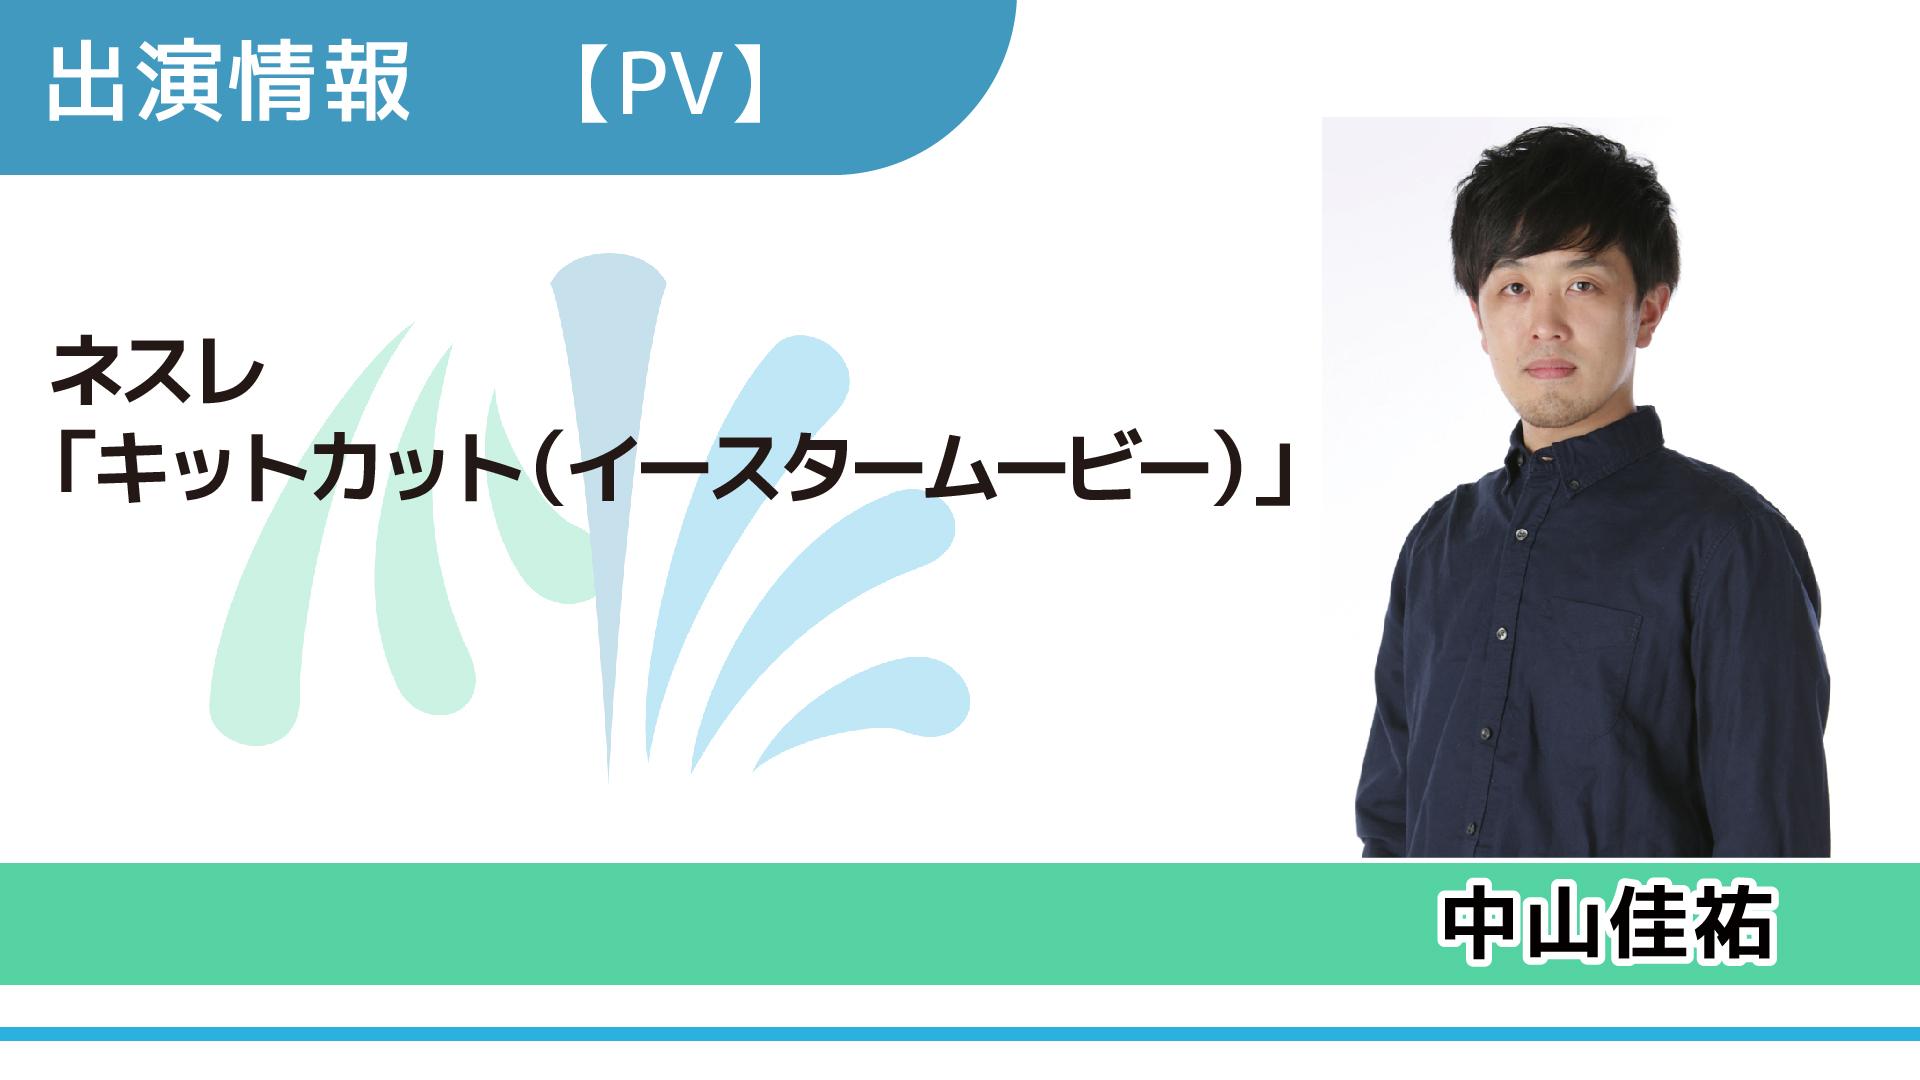 【出演情報】中山佳祐 / ネスレ「キットカット(イースタームービー)」出演